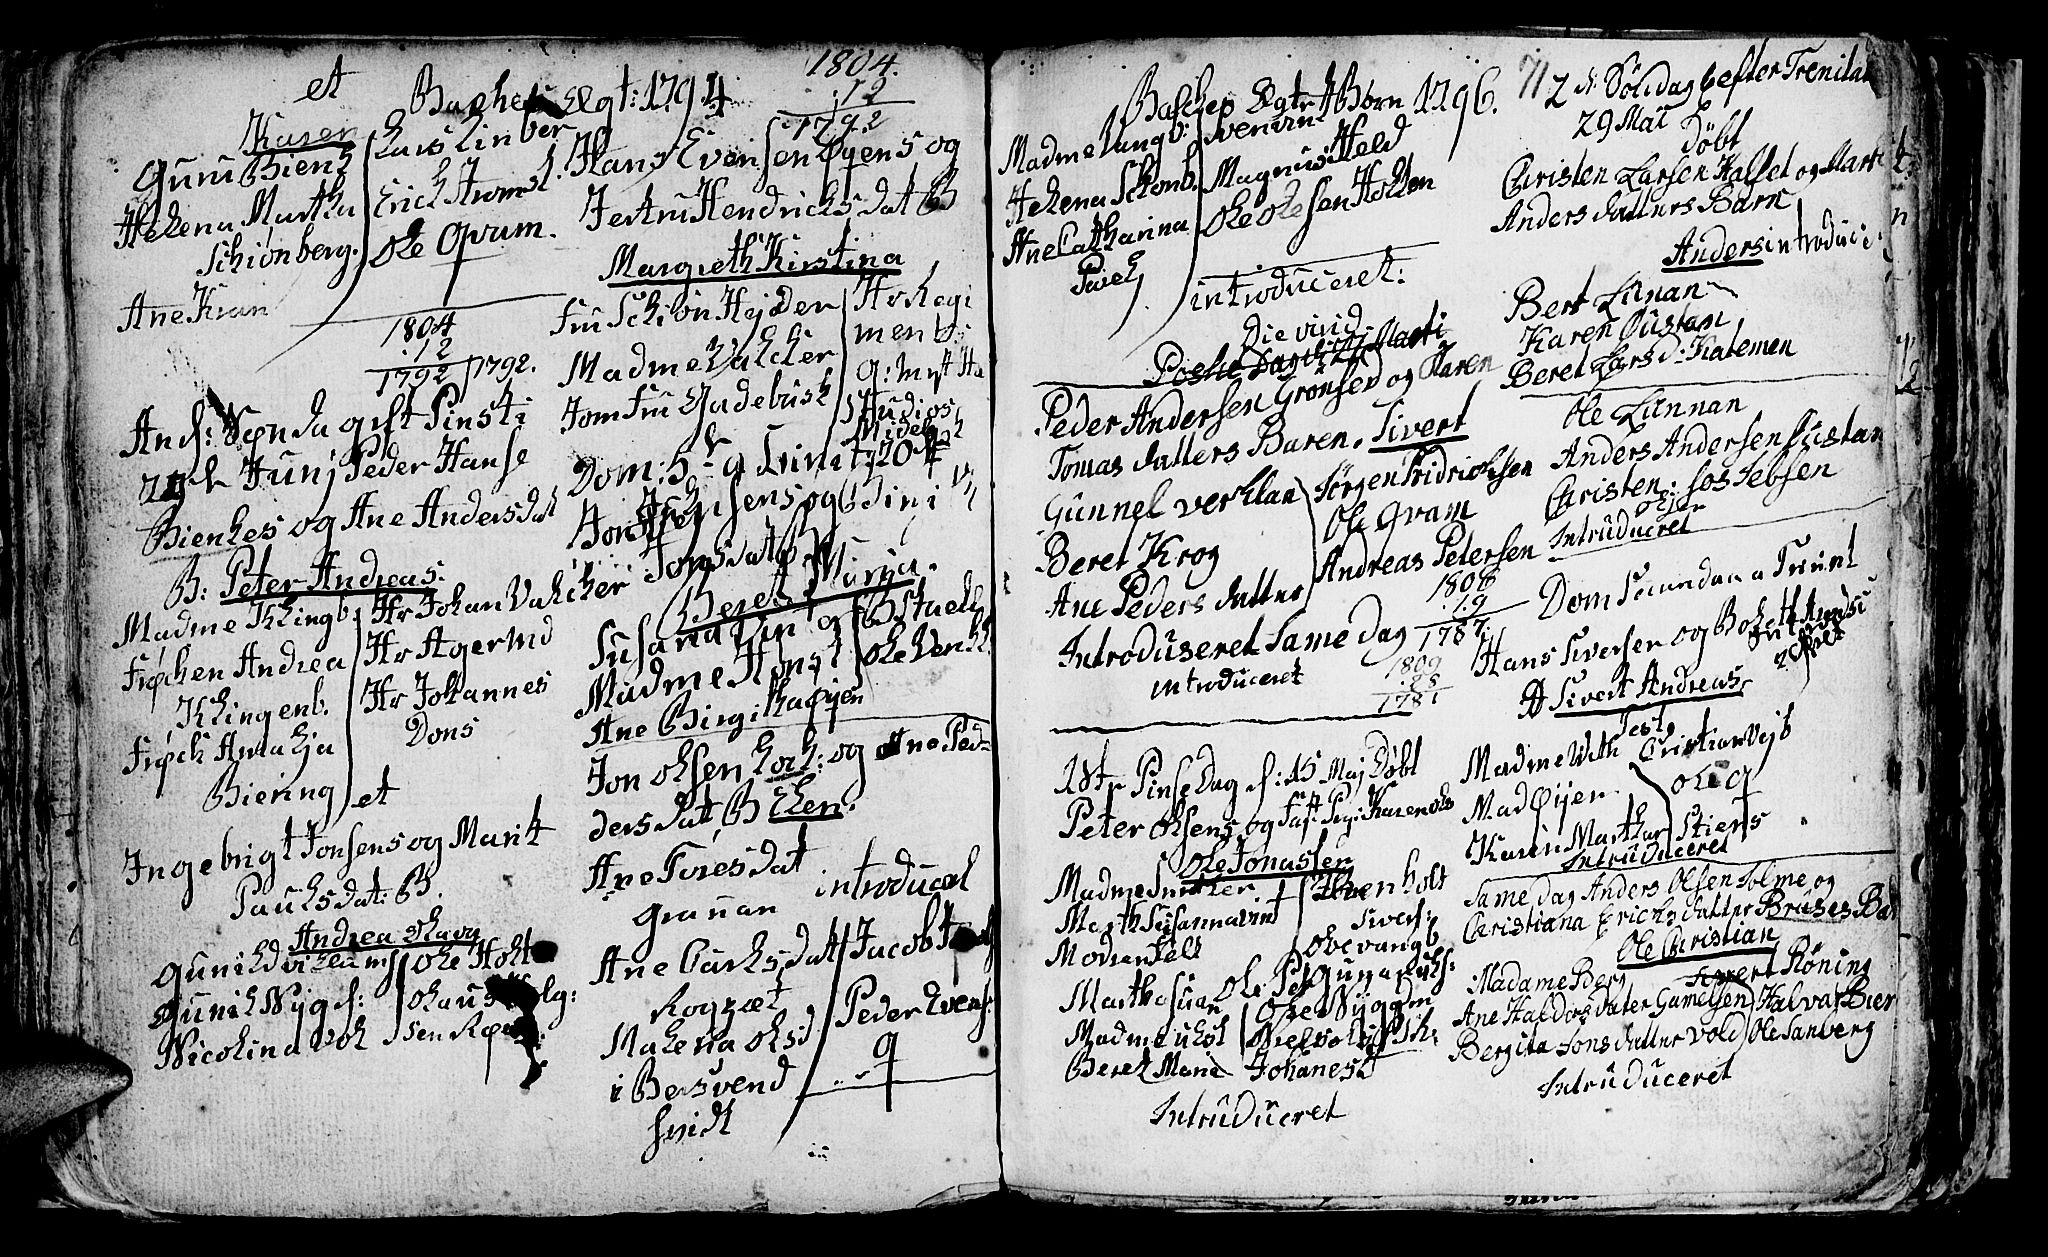 SAT, Ministerialprotokoller, klokkerbøker og fødselsregistre - Sør-Trøndelag, 604/L0218: Klokkerbok nr. 604C01, 1754-1819, s. 71